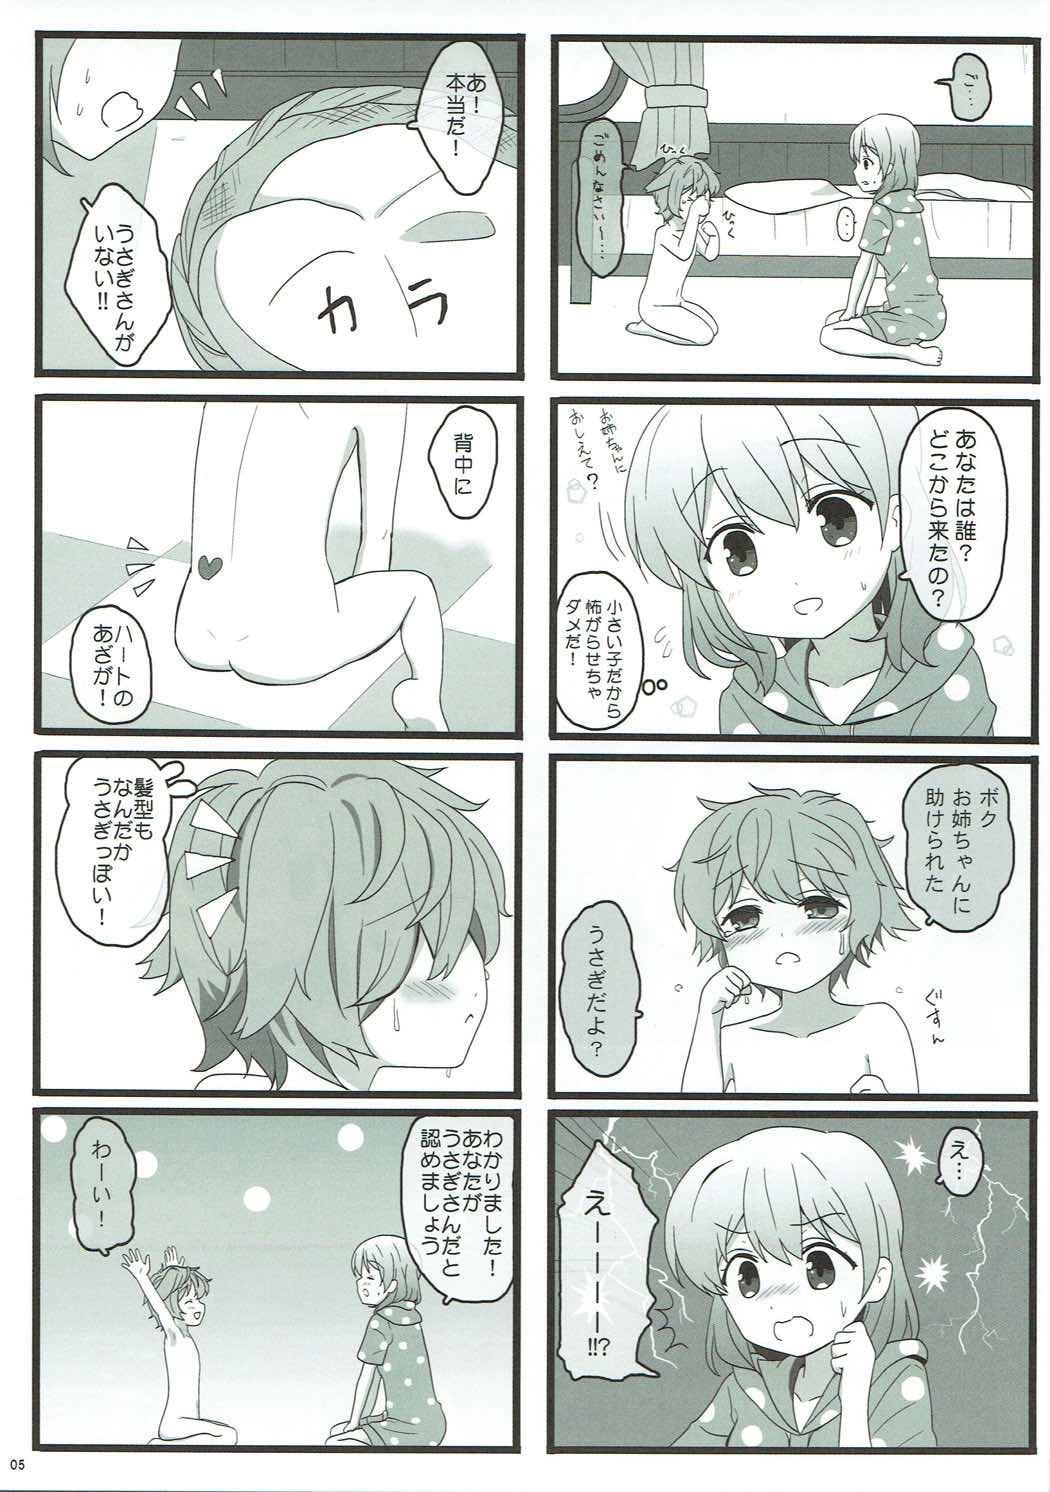 Koibito wa Kokoa Onee-chan 4